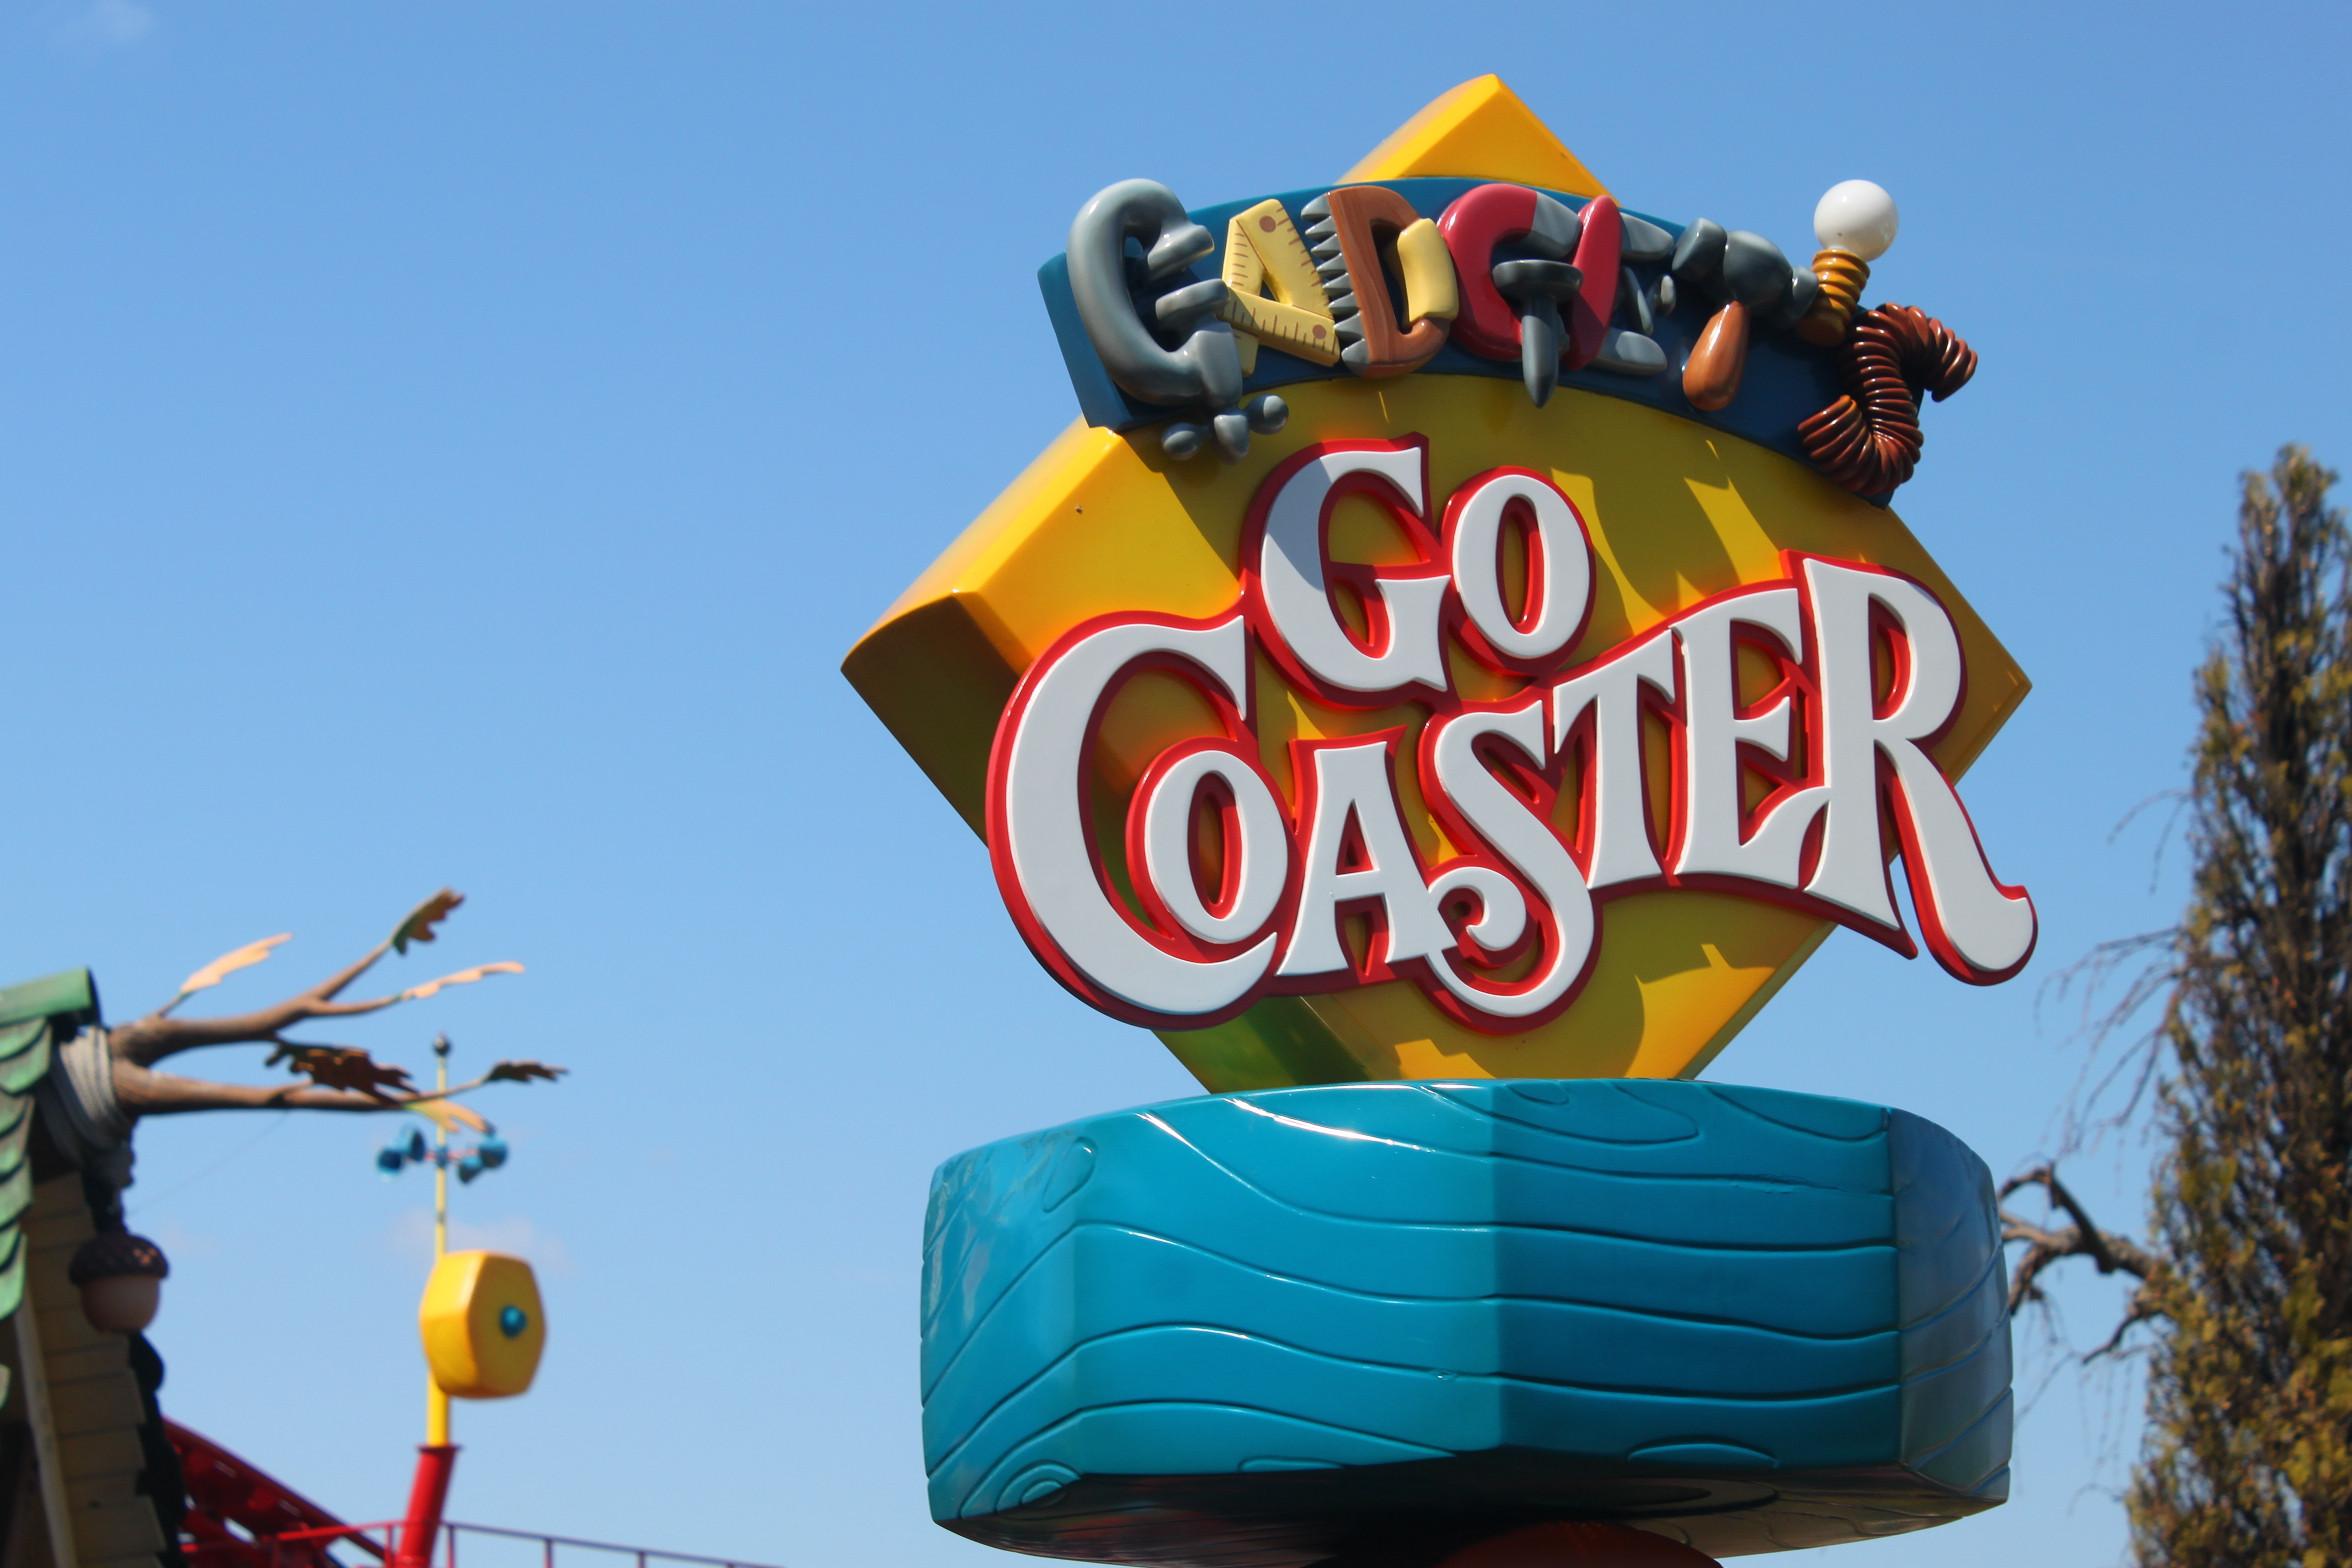 【待ち時間も】ガジェットのゴーコースター徹底解説!大人も楽しめる?速度・怖さ・背景